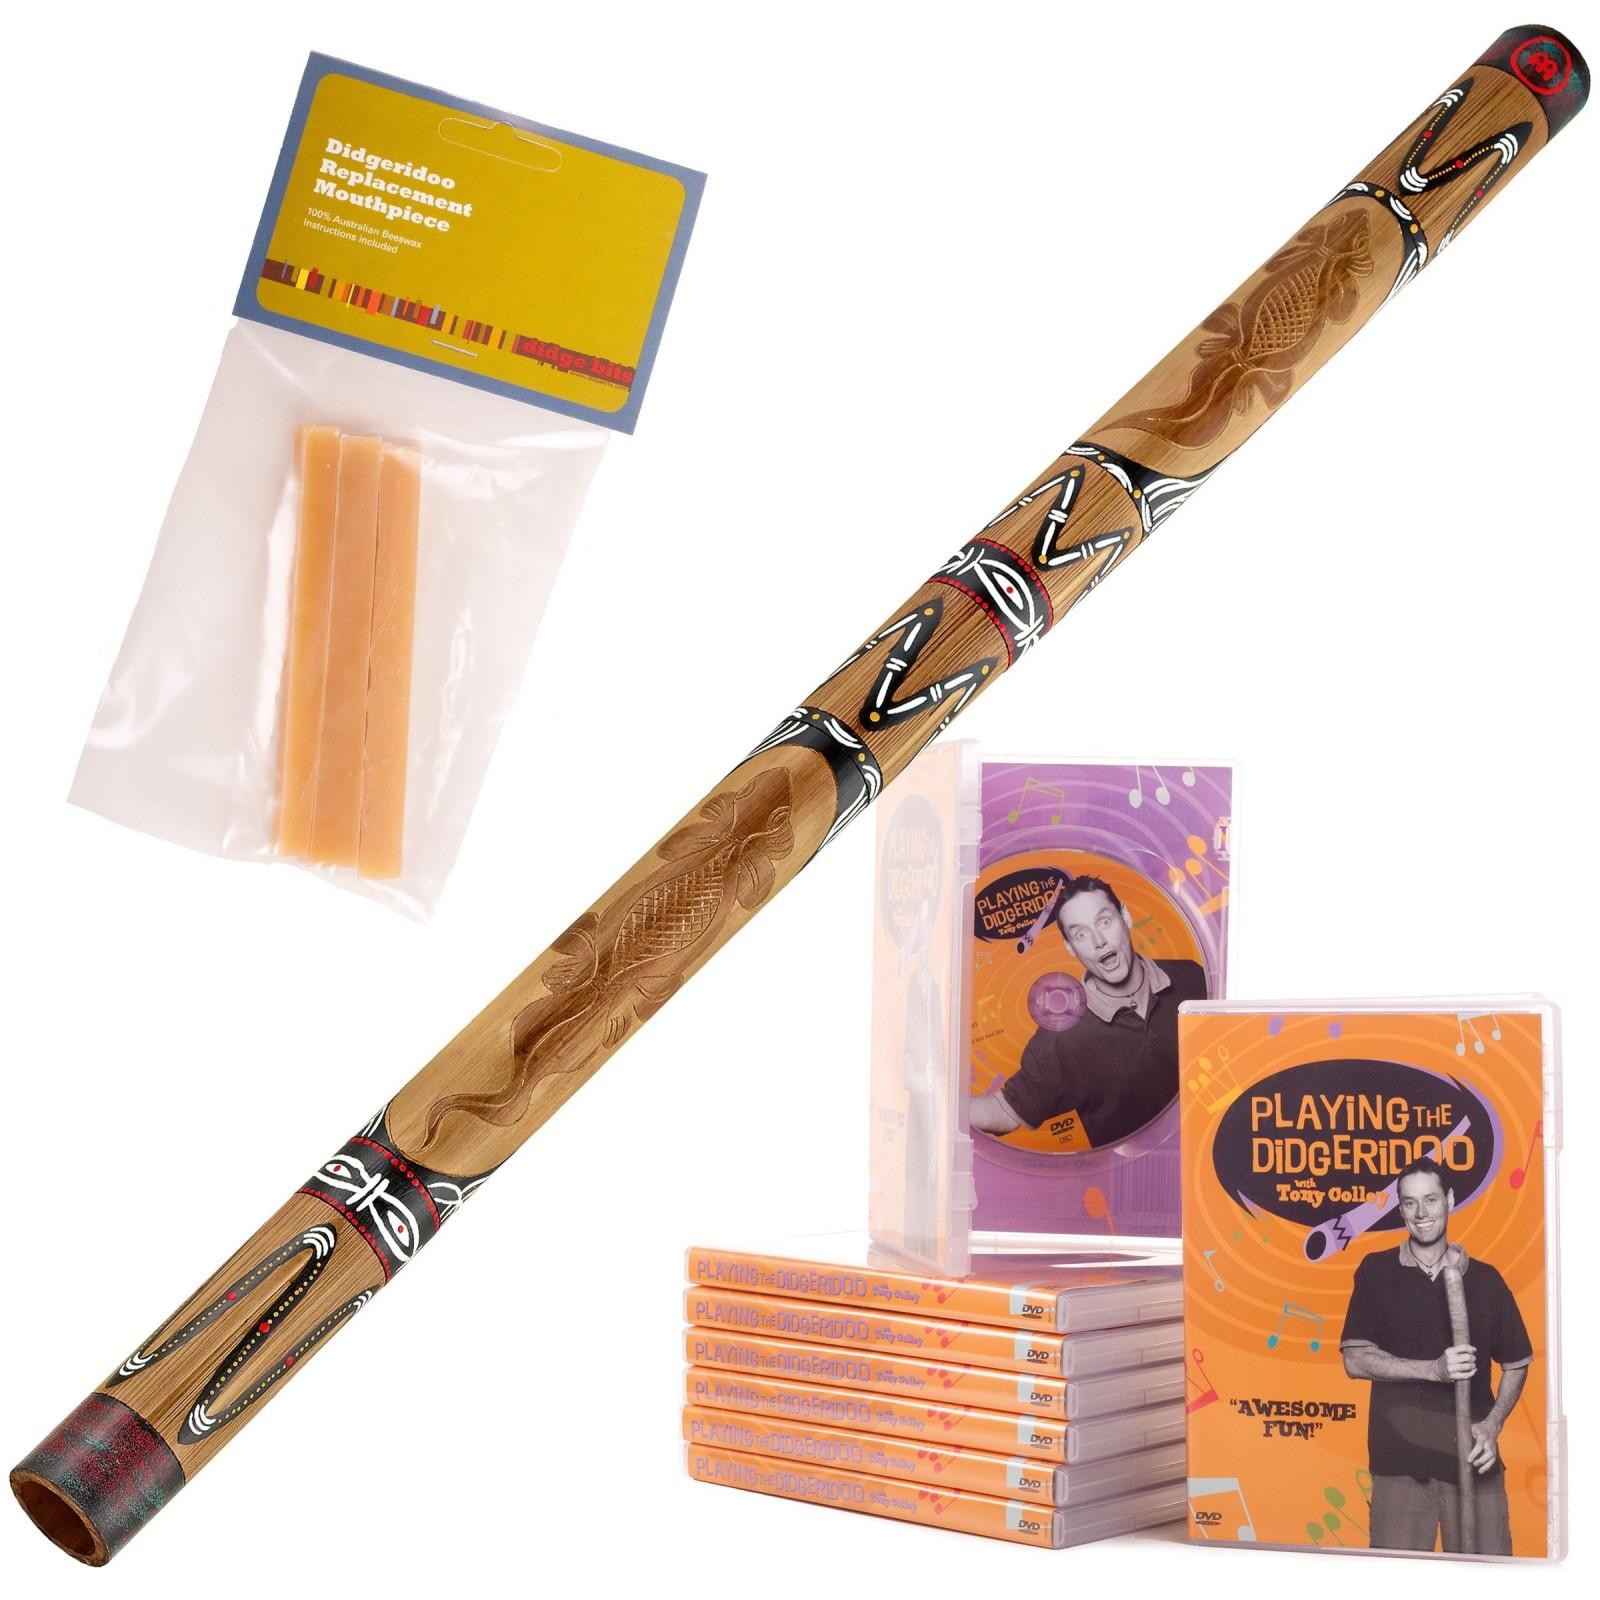 Starterspakket Didgeridoo DDG1-BR + DvD + bijenwas